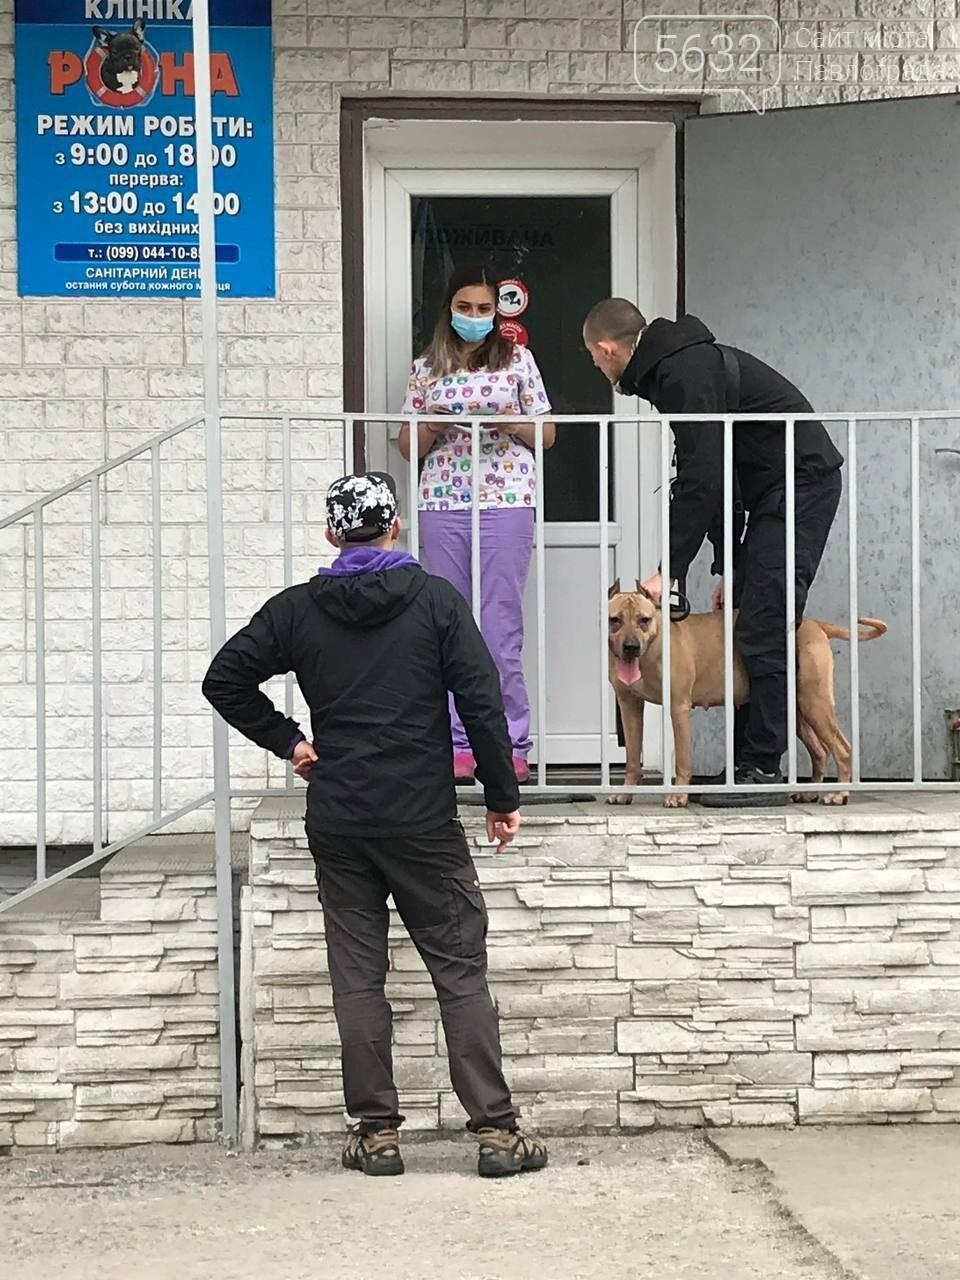 В Павлограде спасли собаку, которую держал в подвальном помещении нерадивый хозяин, фото-5